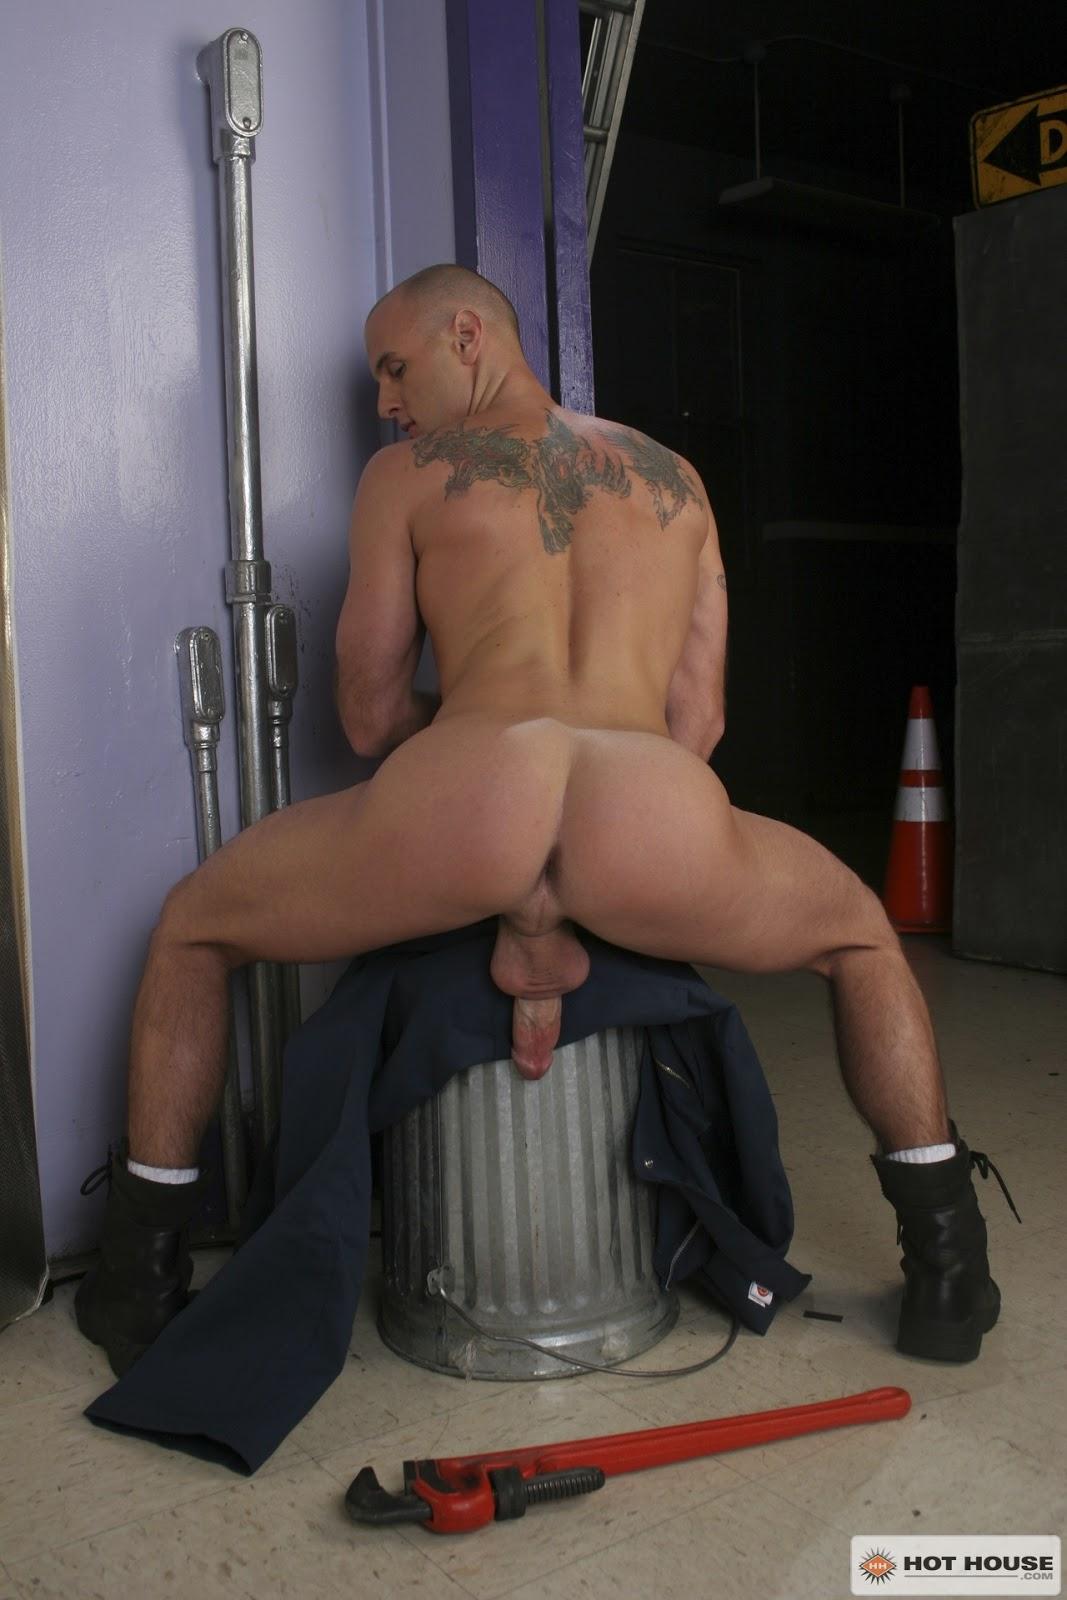 shane rollins porn